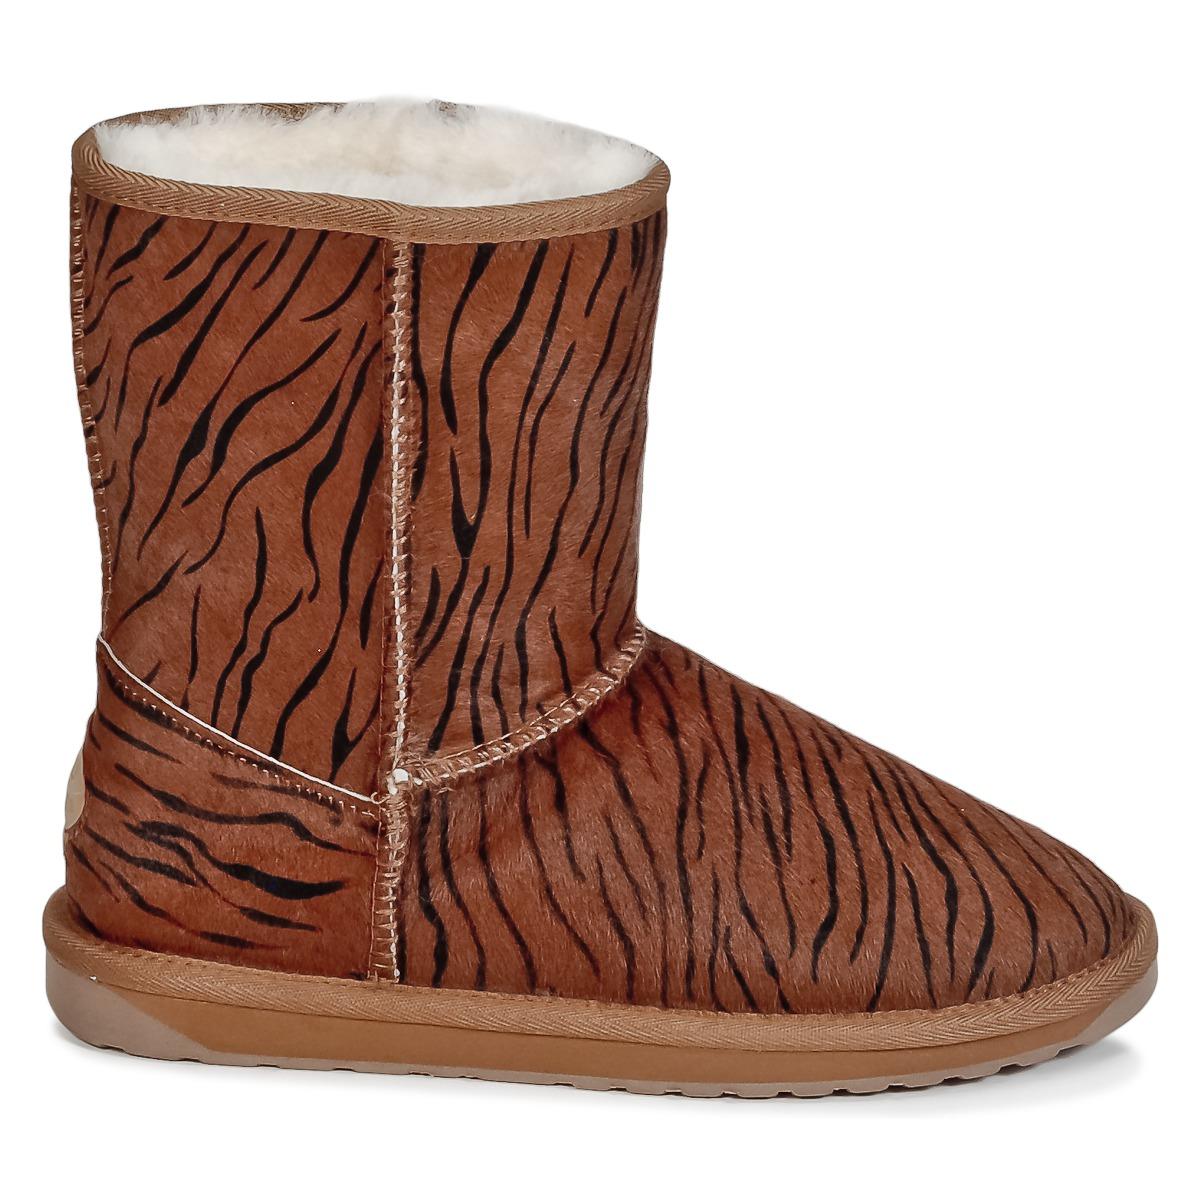 Emu Lo Boots Boots Fur Lo Emu Stinger Stinger Fur 8ZNXOkwPn0